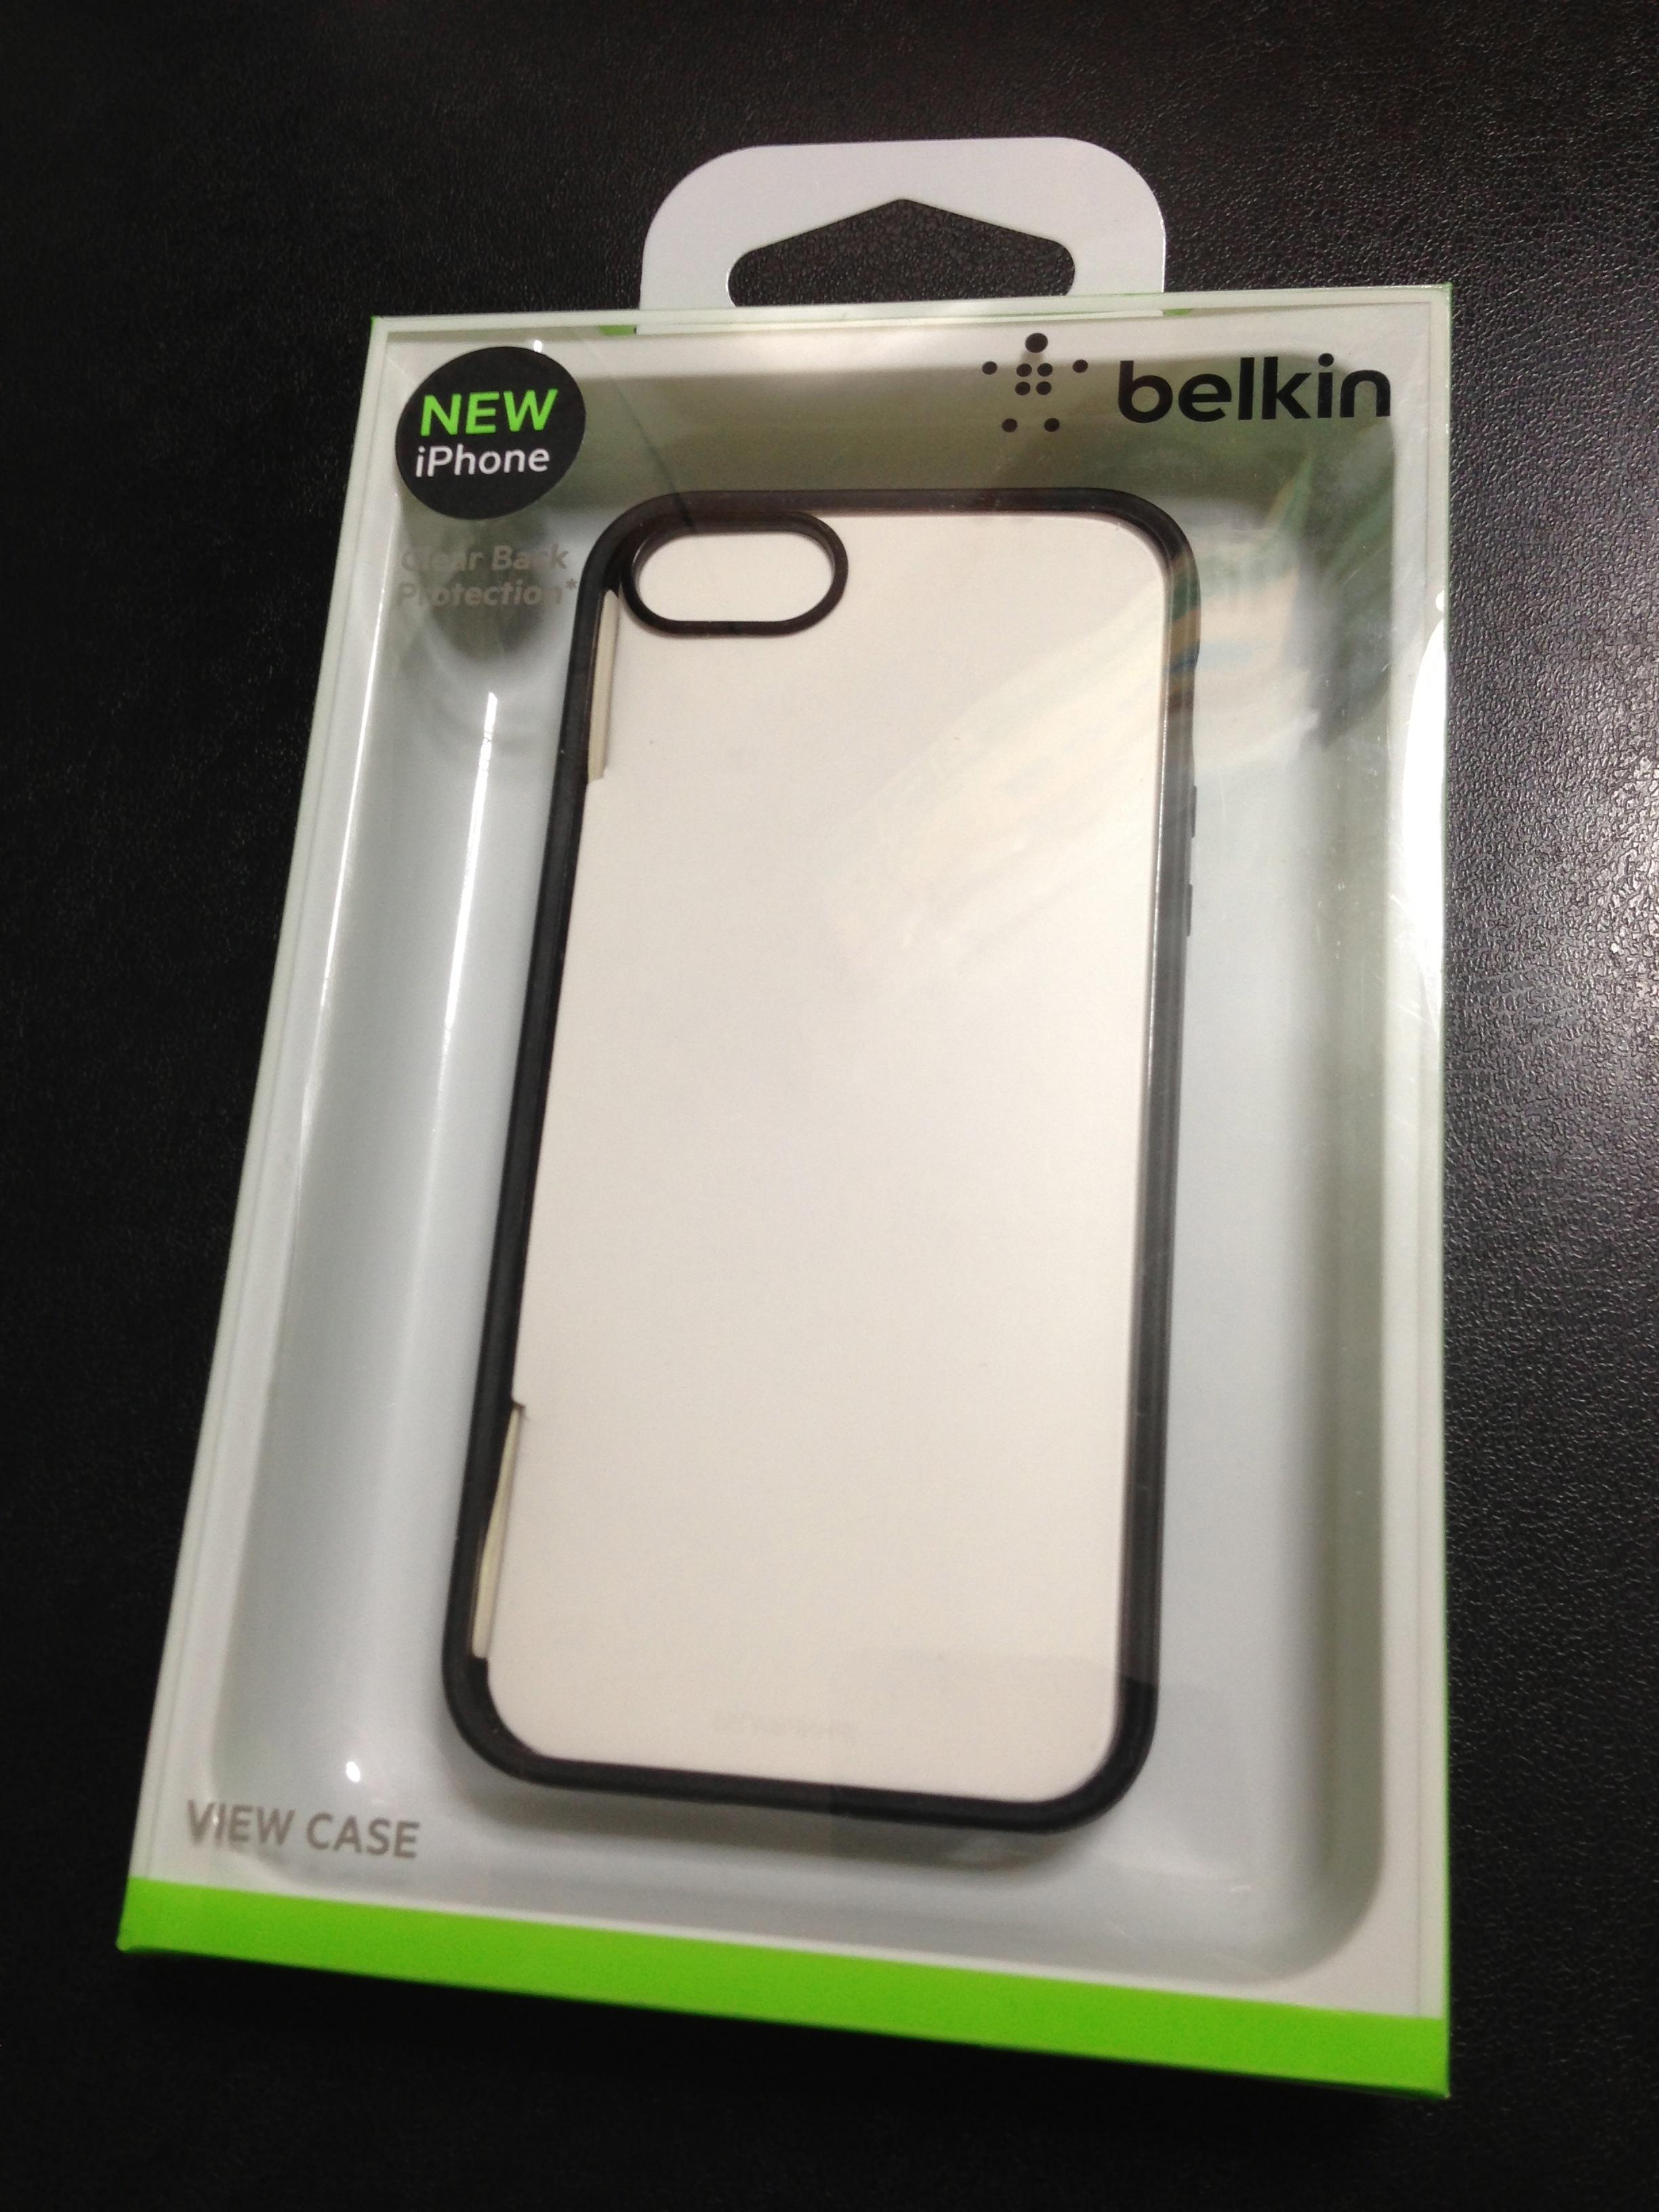 BELKIN ベルキン iPhone 5 用 View ケース ブラック